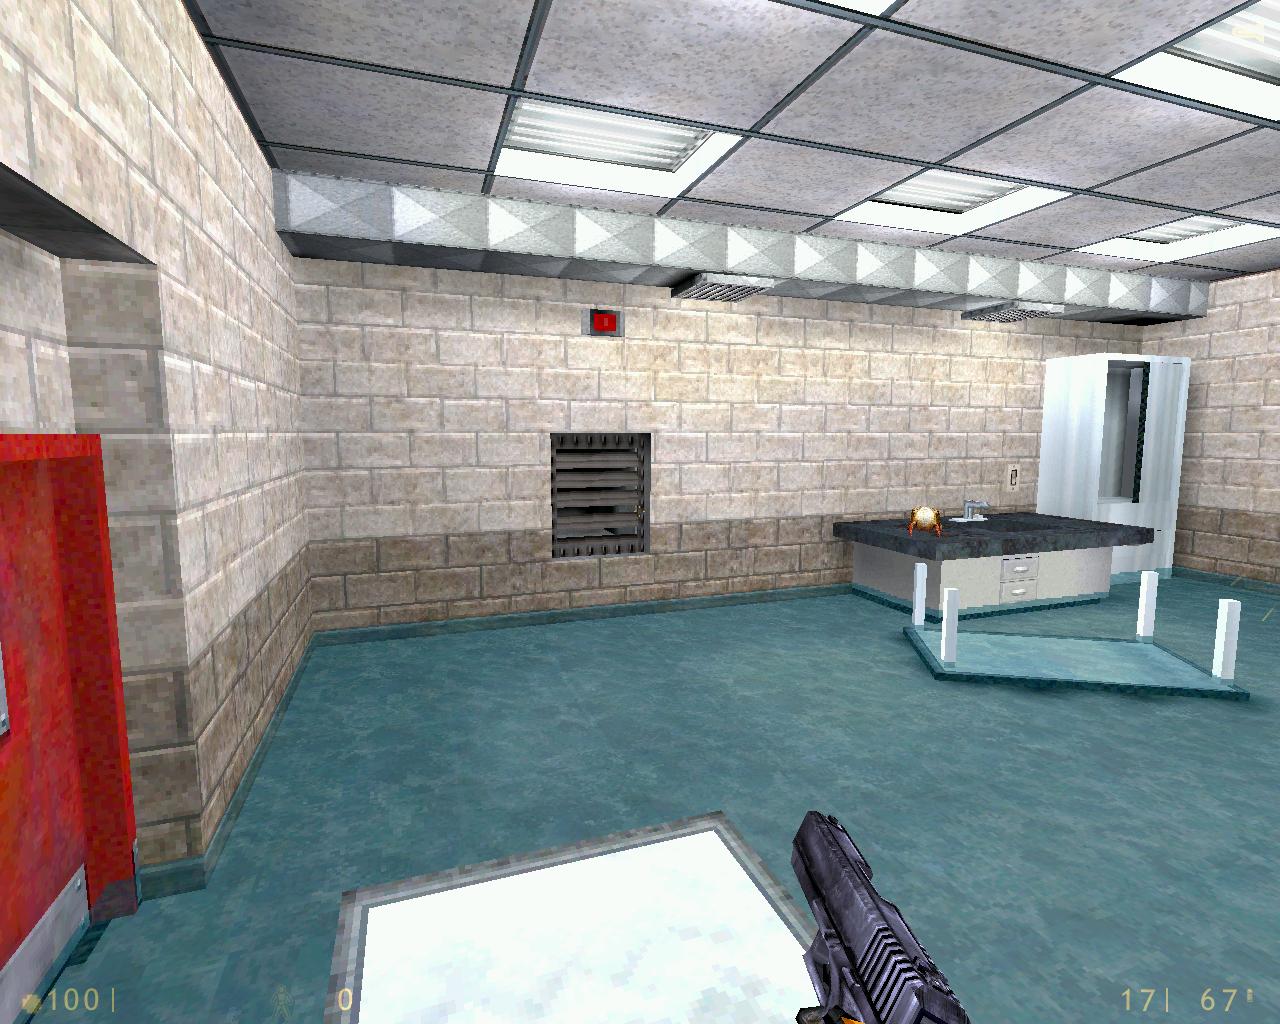 c1a20012.png - Half-Life